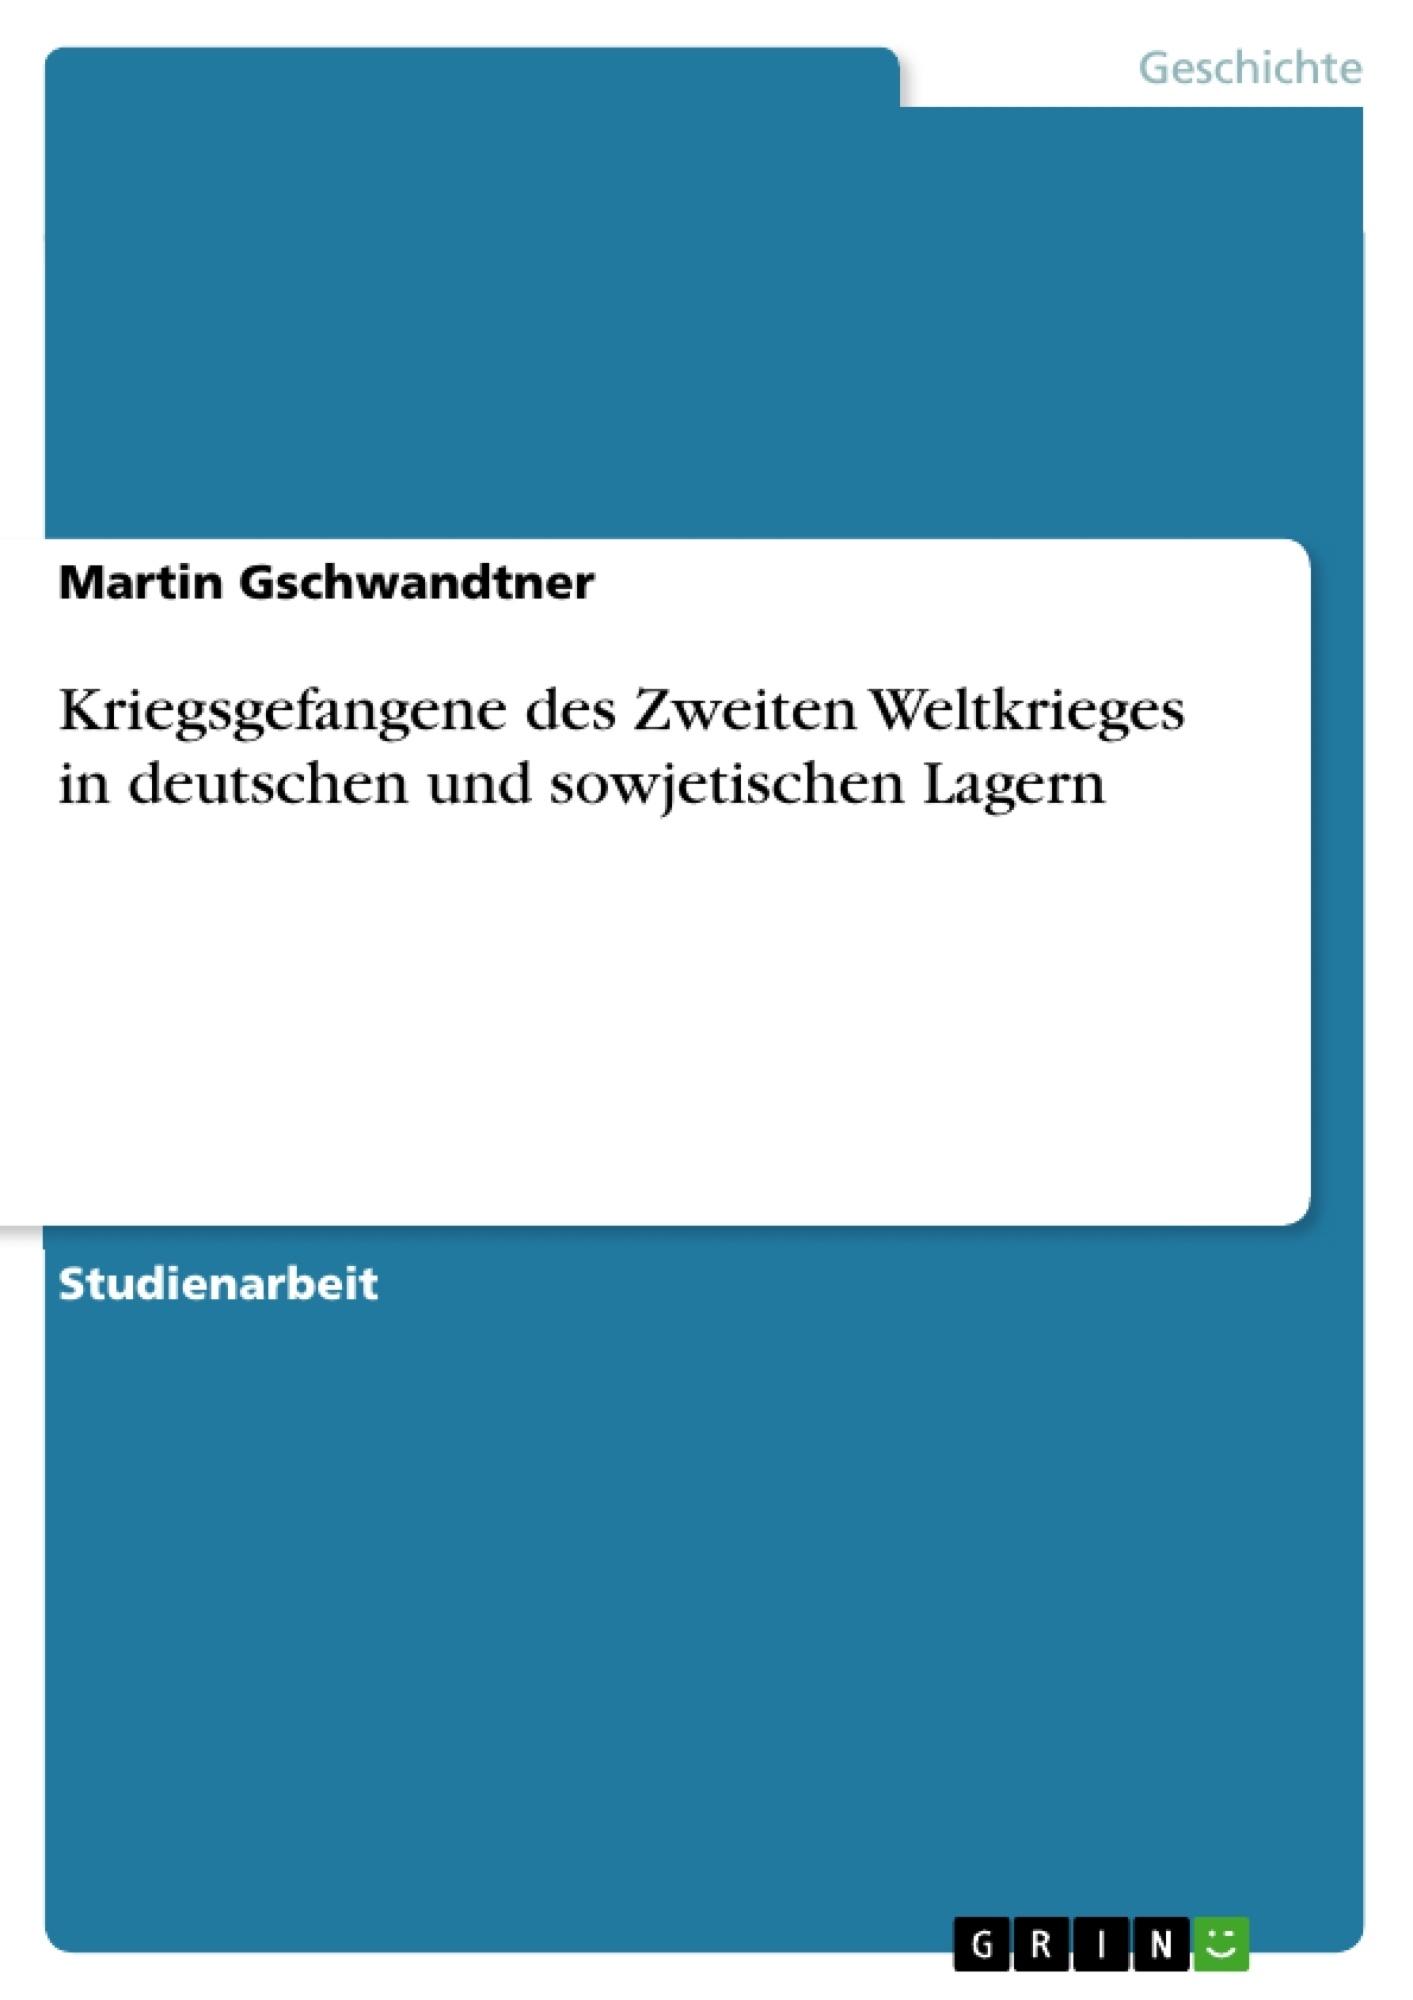 Titel: Kriegsgefangene des Zweiten Weltkrieges in deutschen und sowjetischen Lagern